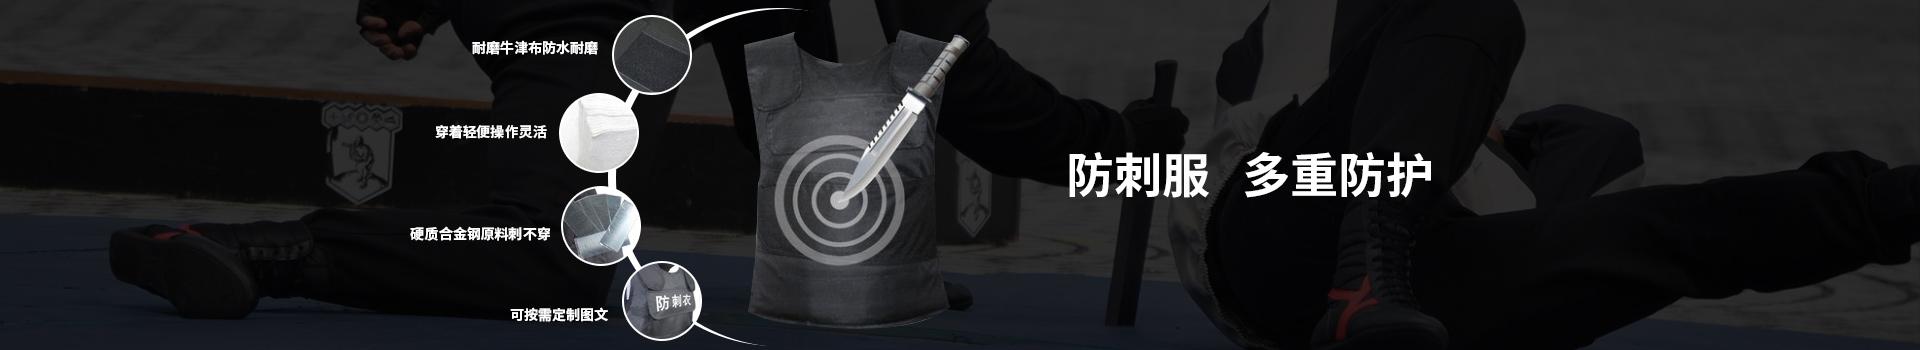 固安防刺防割仿砍 多重防护